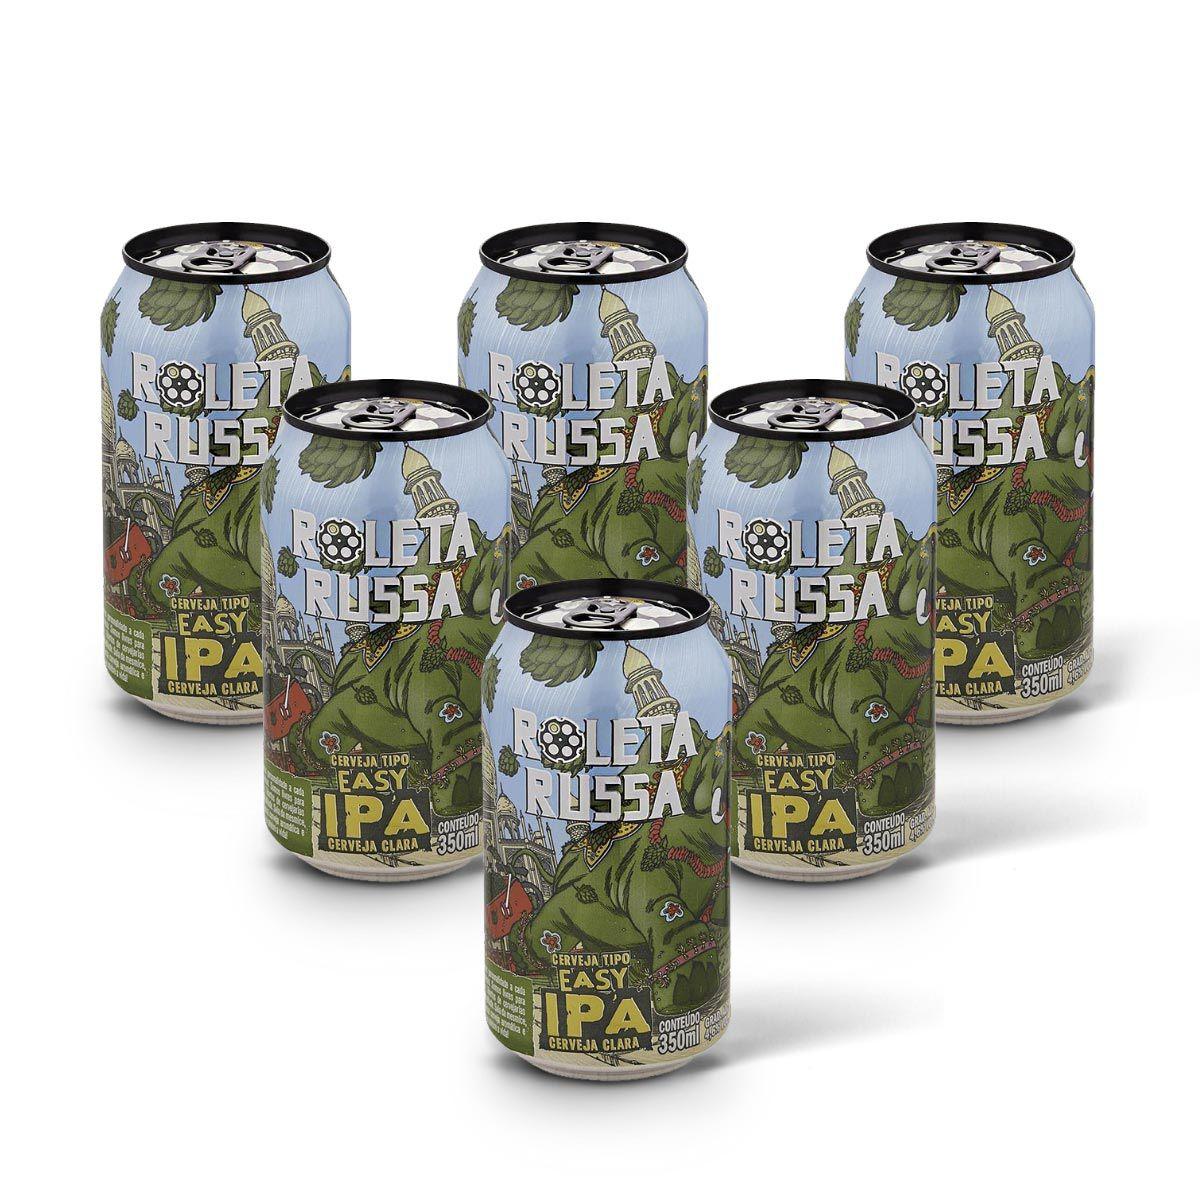 Pack Roleta Russa Easy IPA 6 latas 350ml